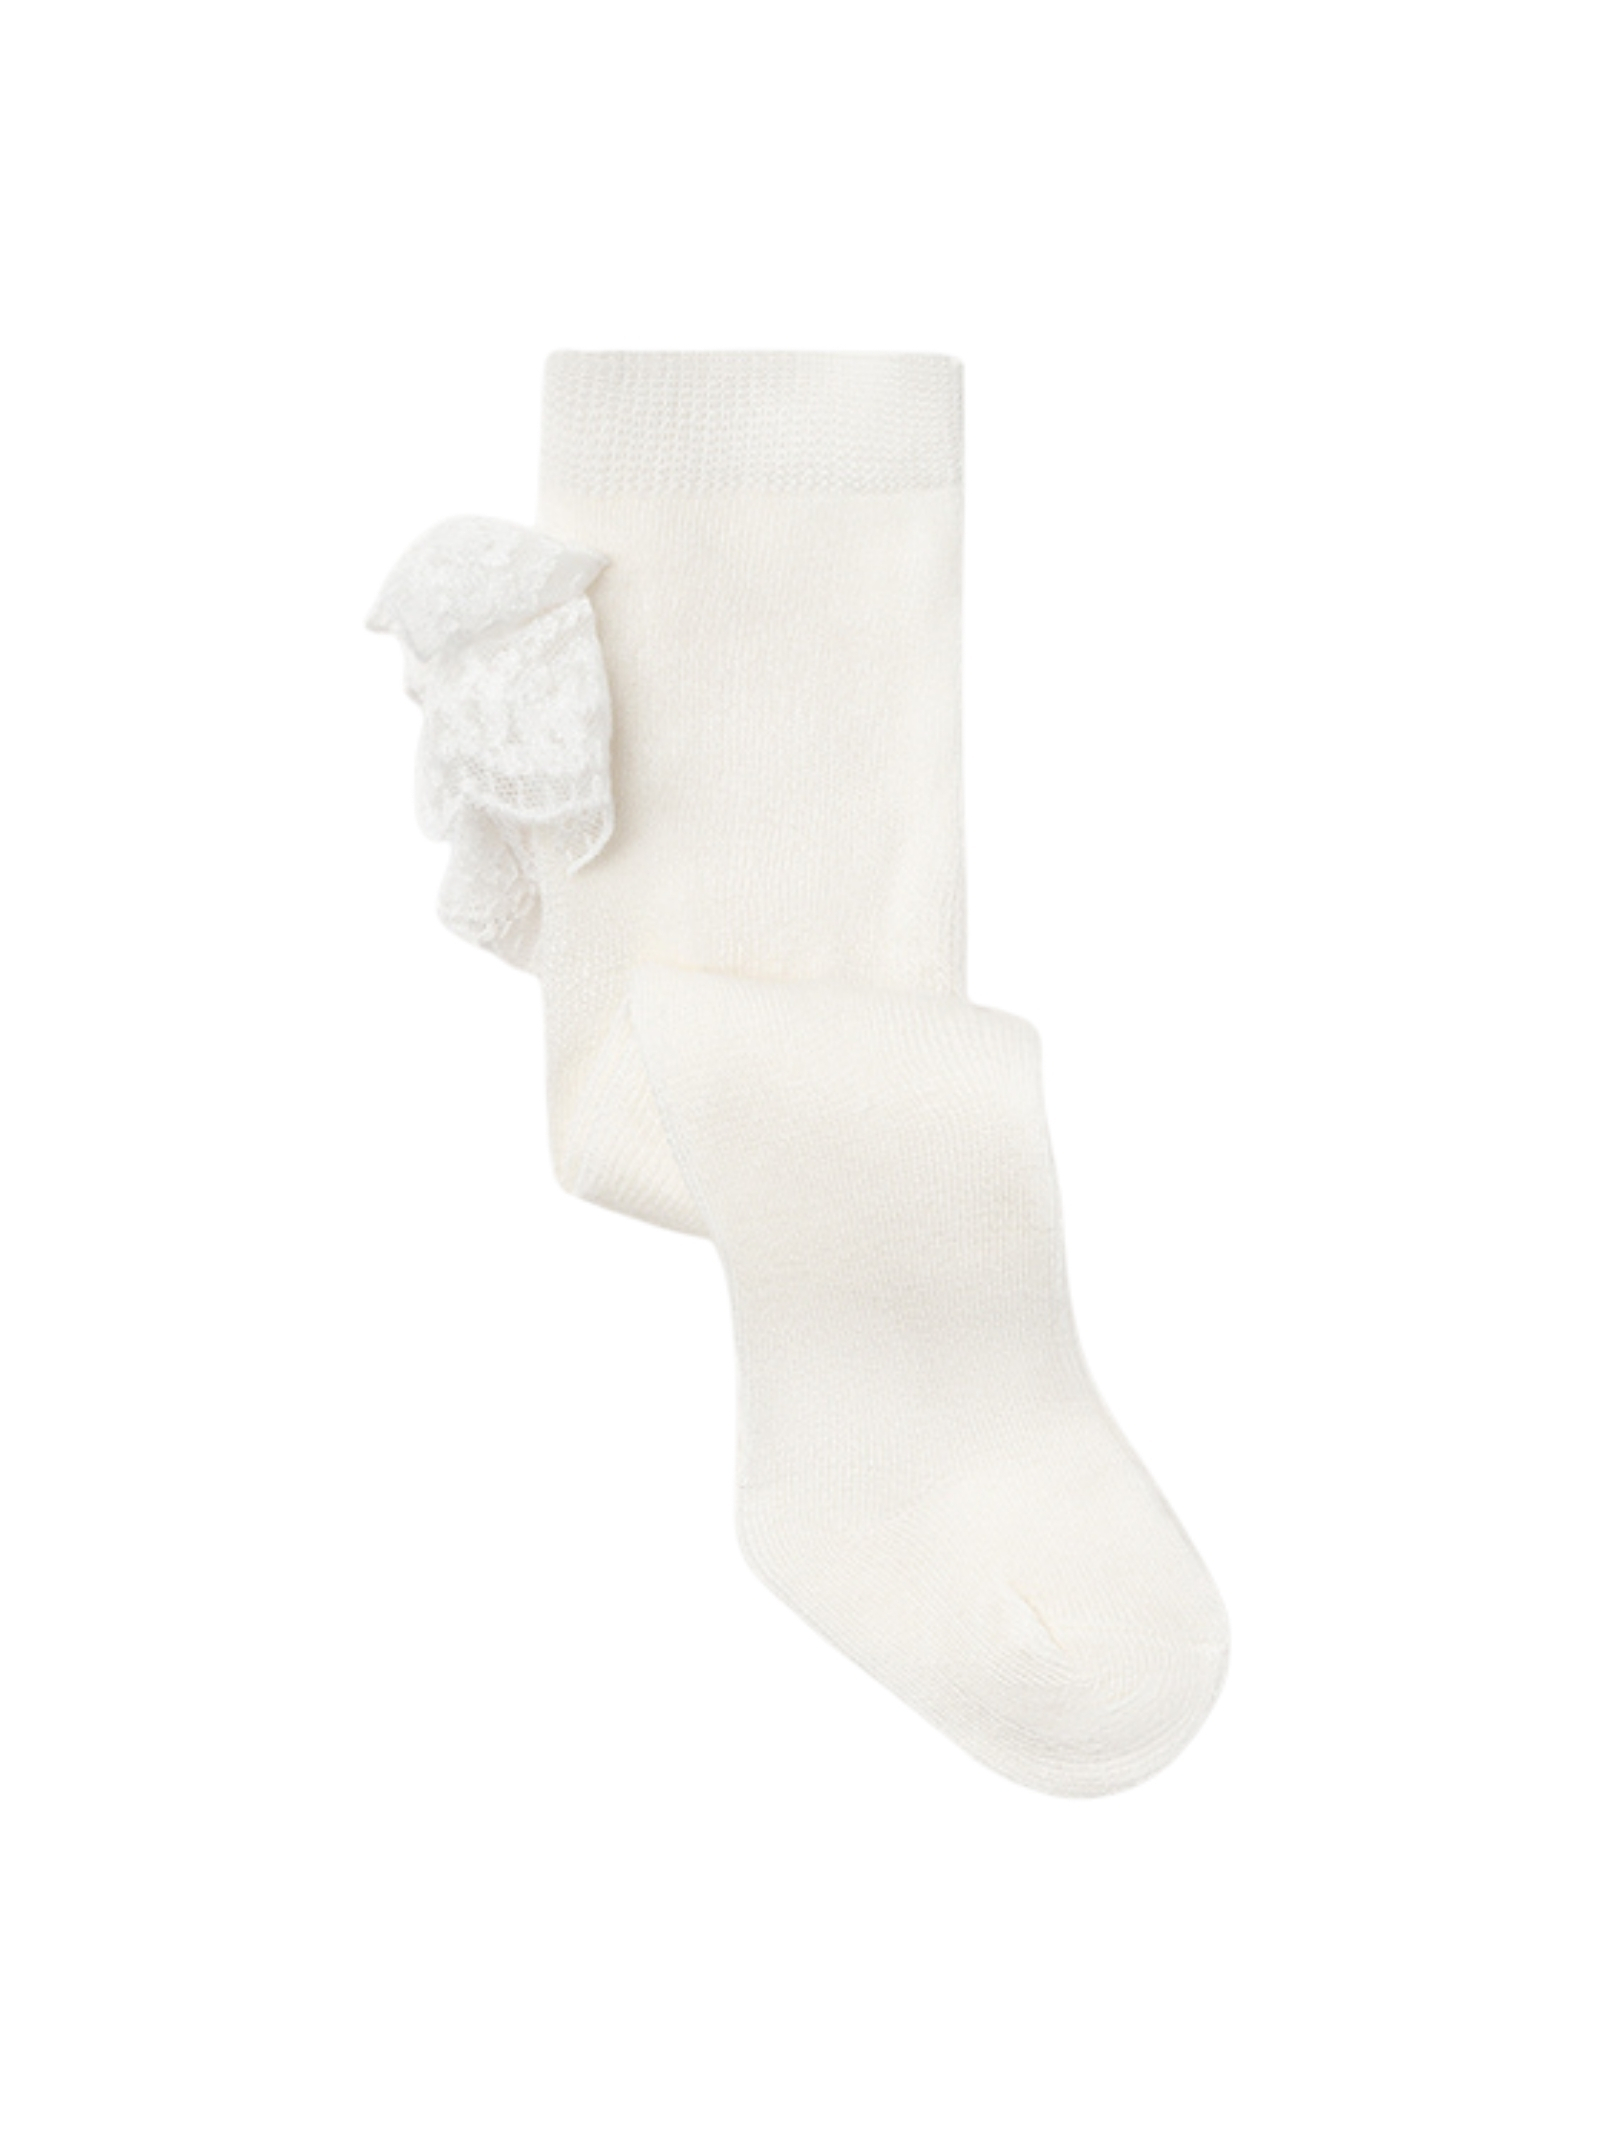 Rouche Baby Socks MAYORAL NEWBORN      9415092